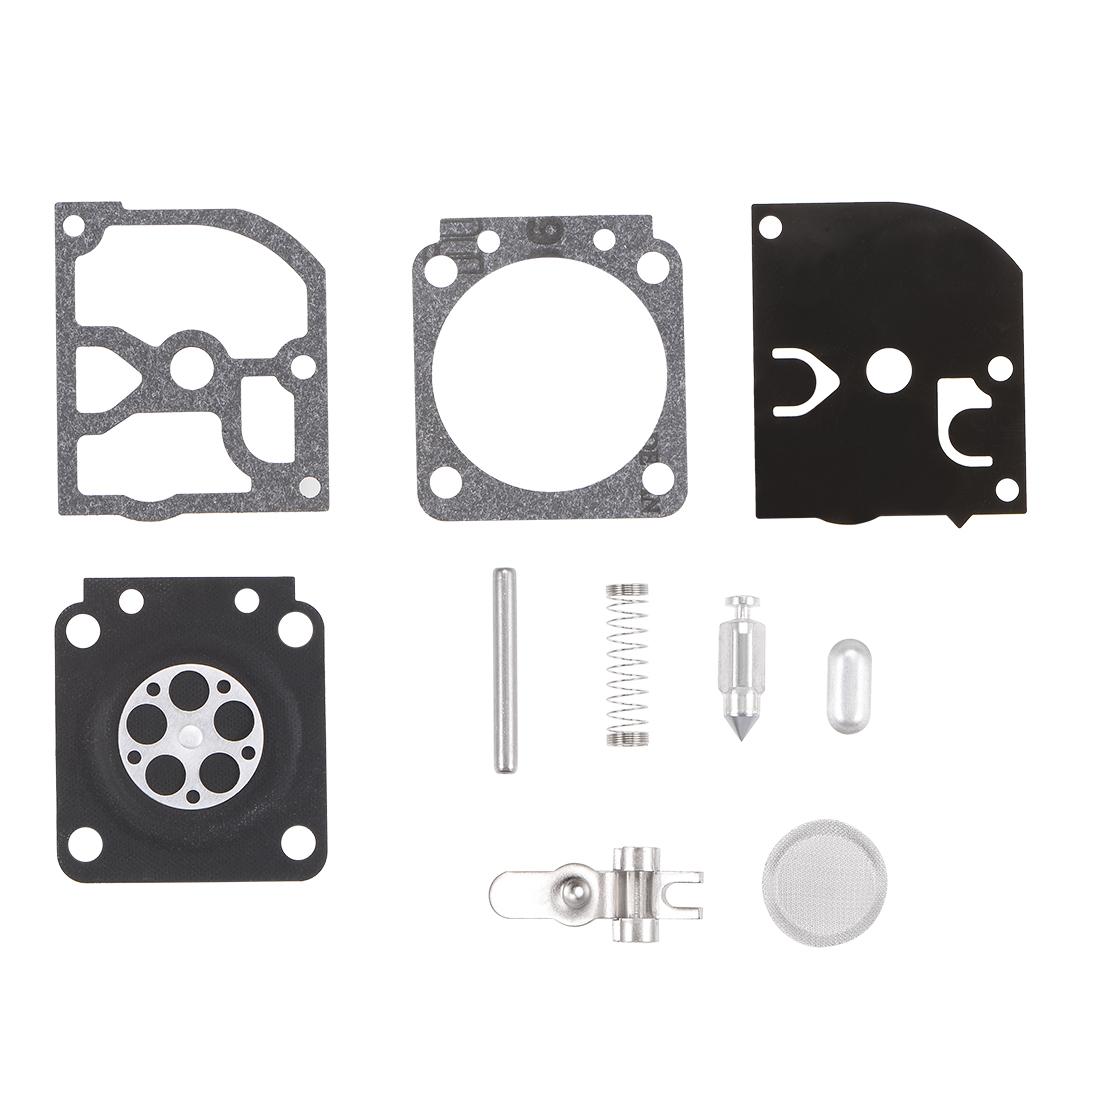 RB-145 Carburetor Rebuild Kit Gasket Diaphragm for RB-145 Carburetor Carb 2pcs